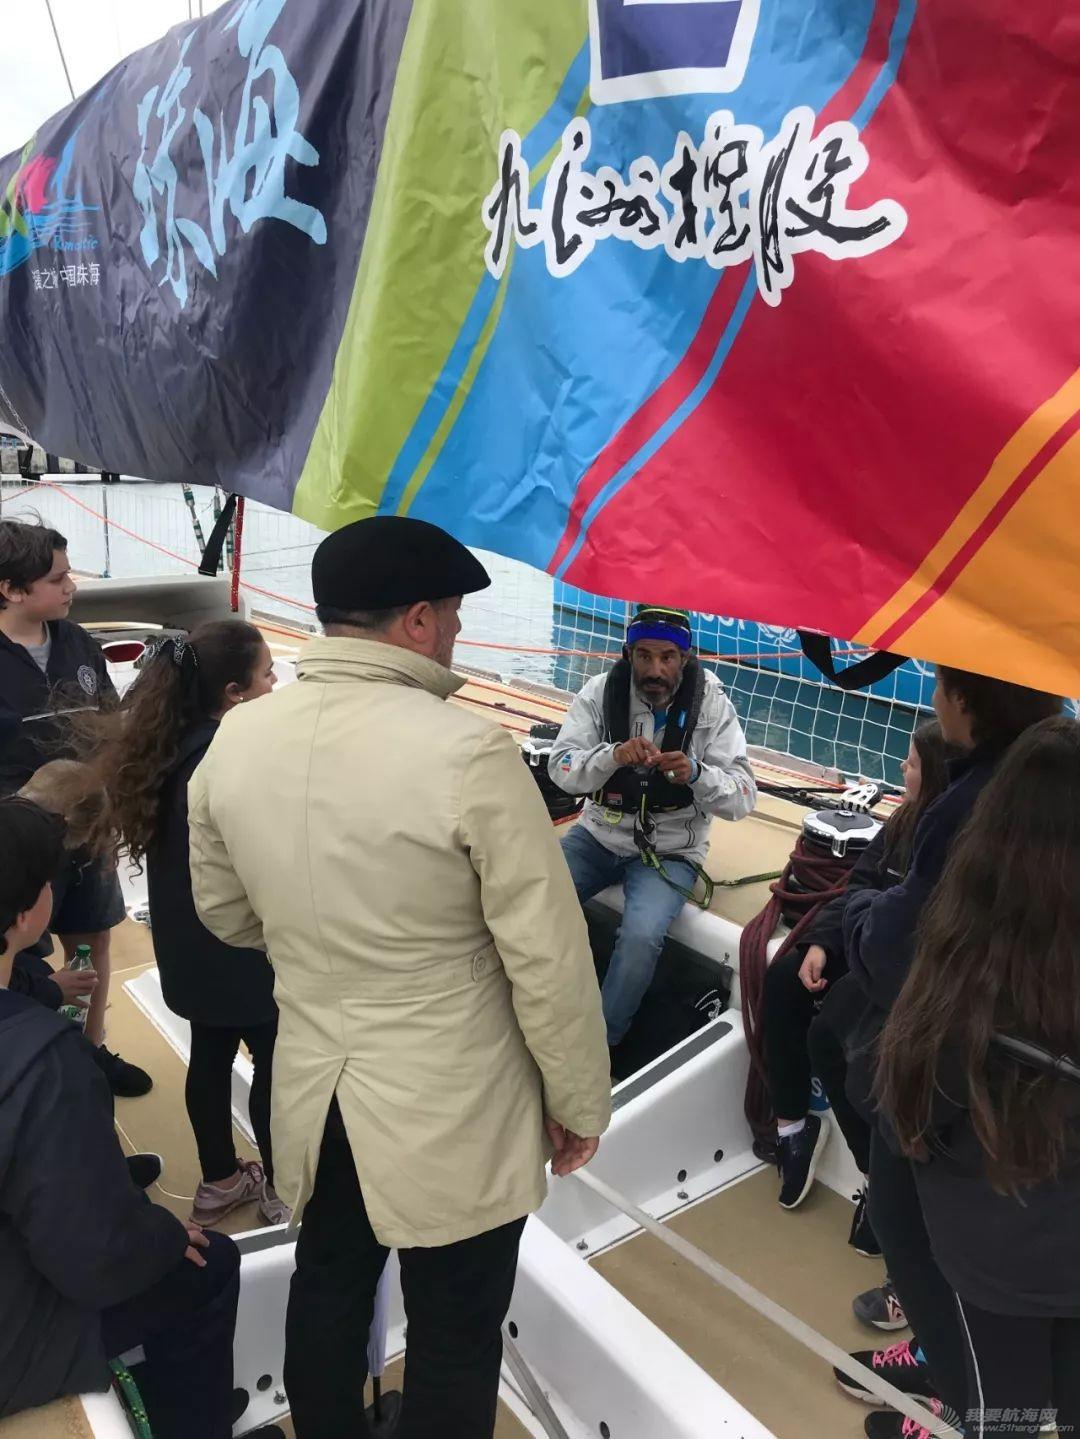 珠海号公众开放日迎来乌拉圭埃斯特角城当地市民游客w5.jpg